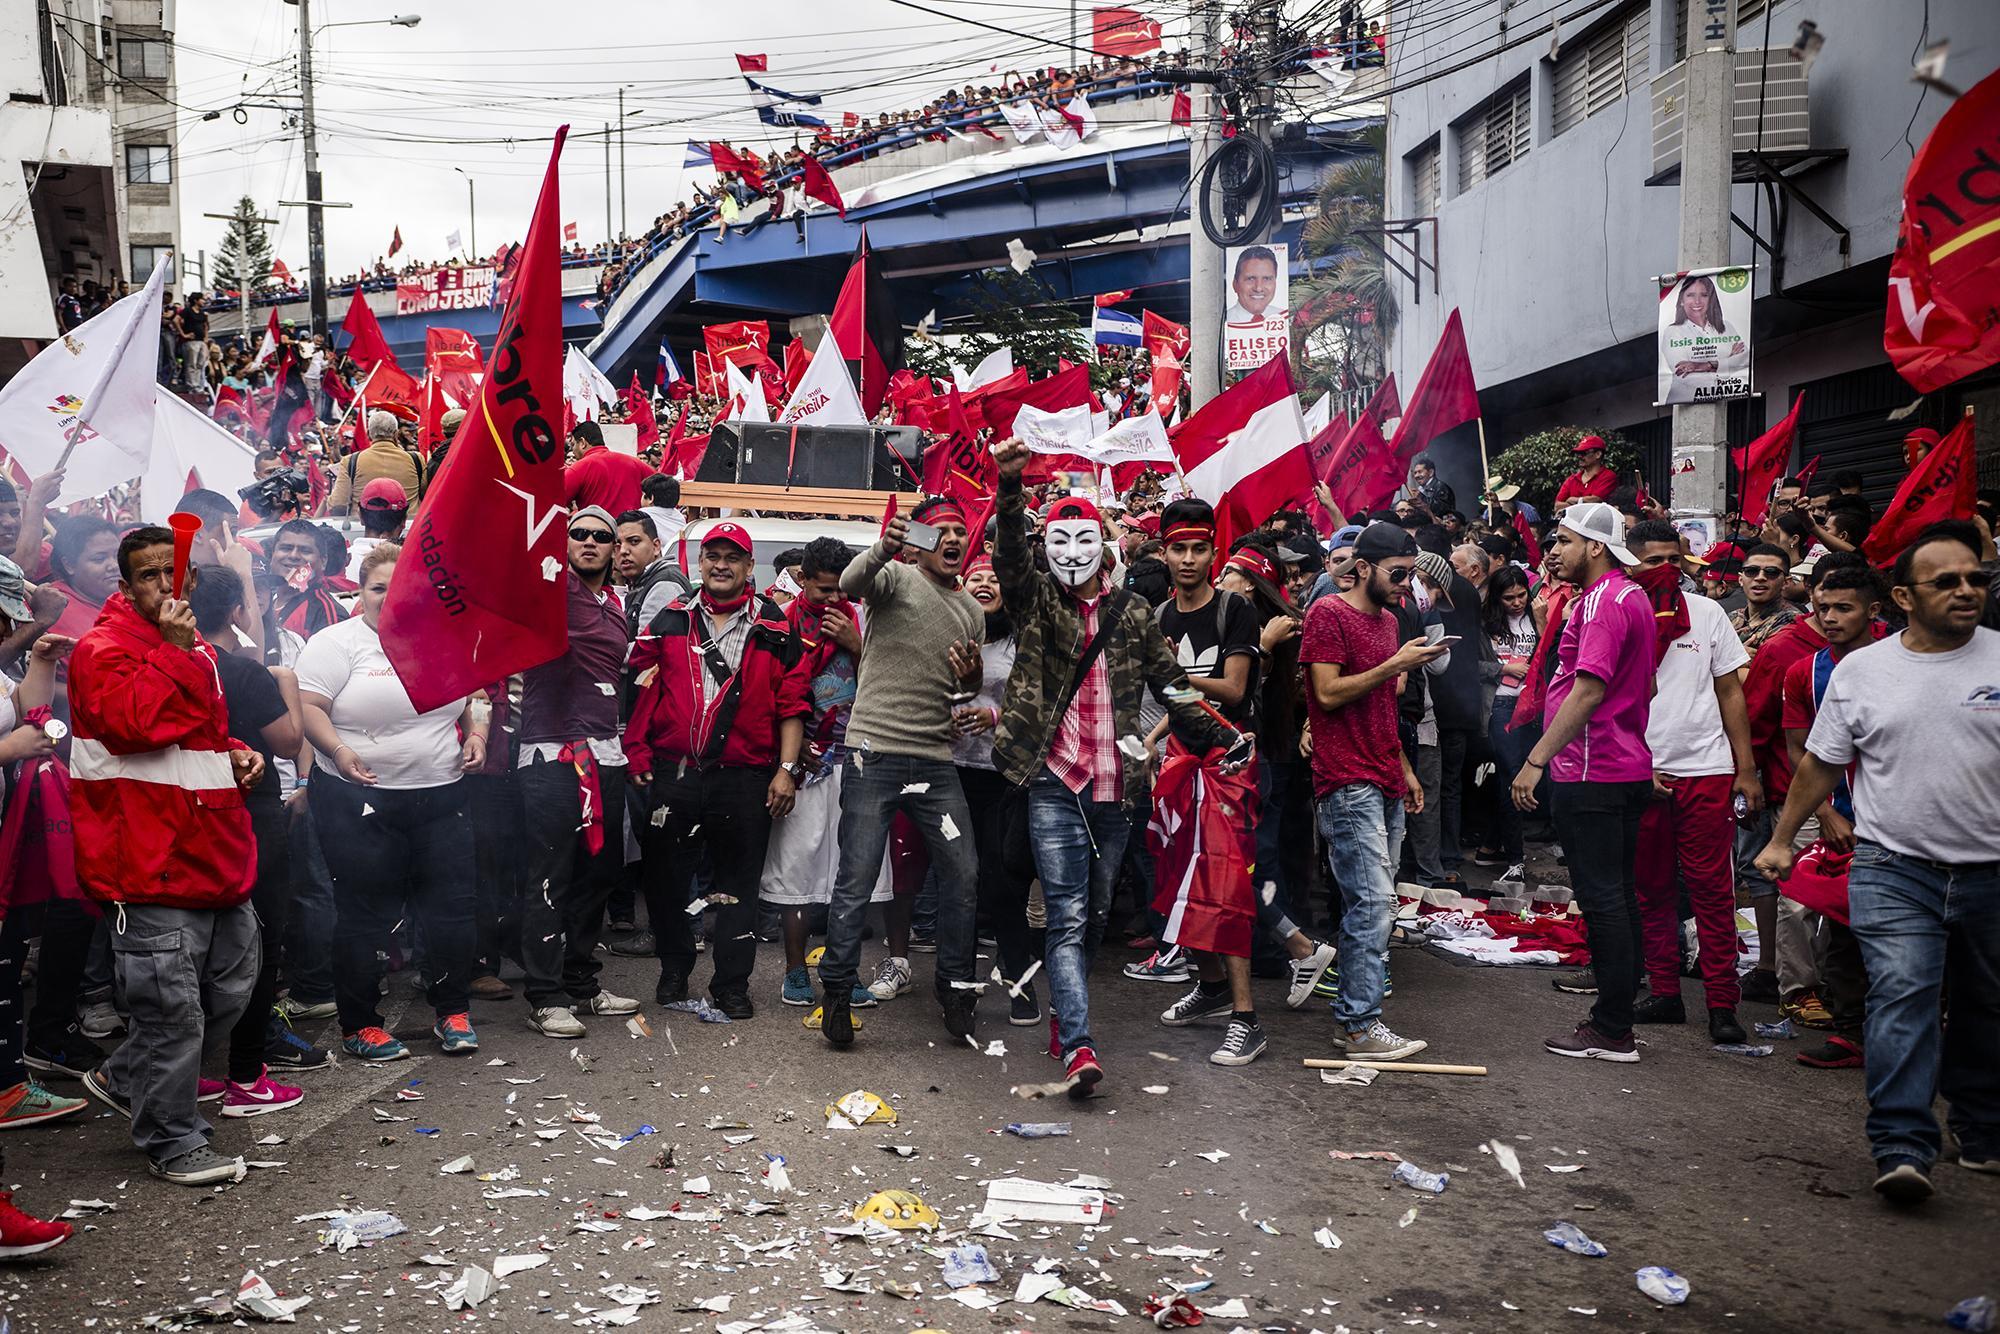 En la tarde del lunes 27, 13 horas después del último pronunciamiento del TSE, miles de hondureños se reunieron frente al edificio central del ente electoral para exigir que Salvador Nasralla fuese declarado como presidente electo de Honduras. Foto: Fred Ramos